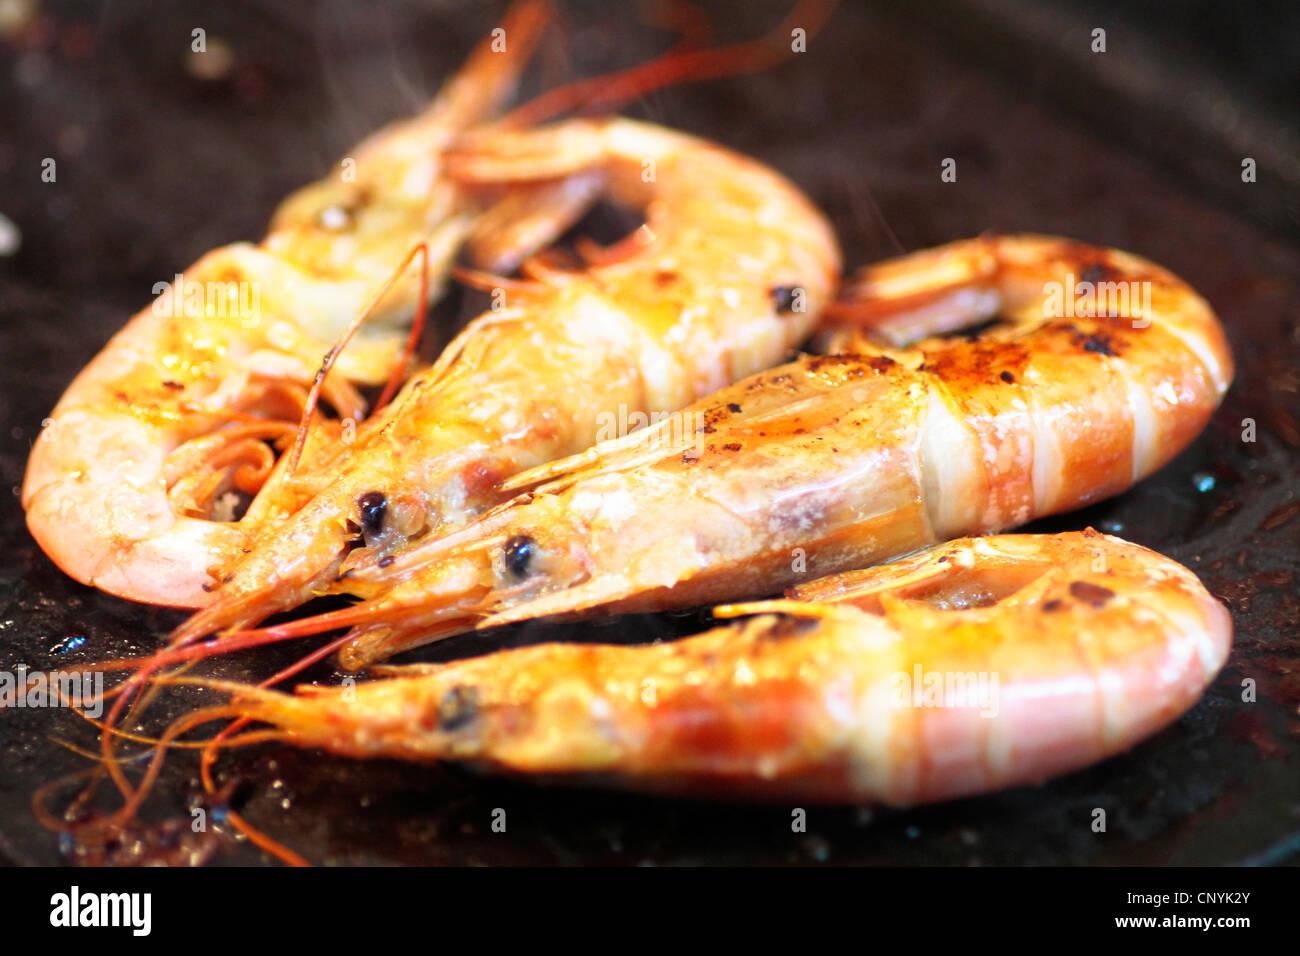 seafood, food, prawn, crustacean, snack, cuisine, orange, fried, prepared, ingredient, plate, gourmet, delicious, - Stock Image